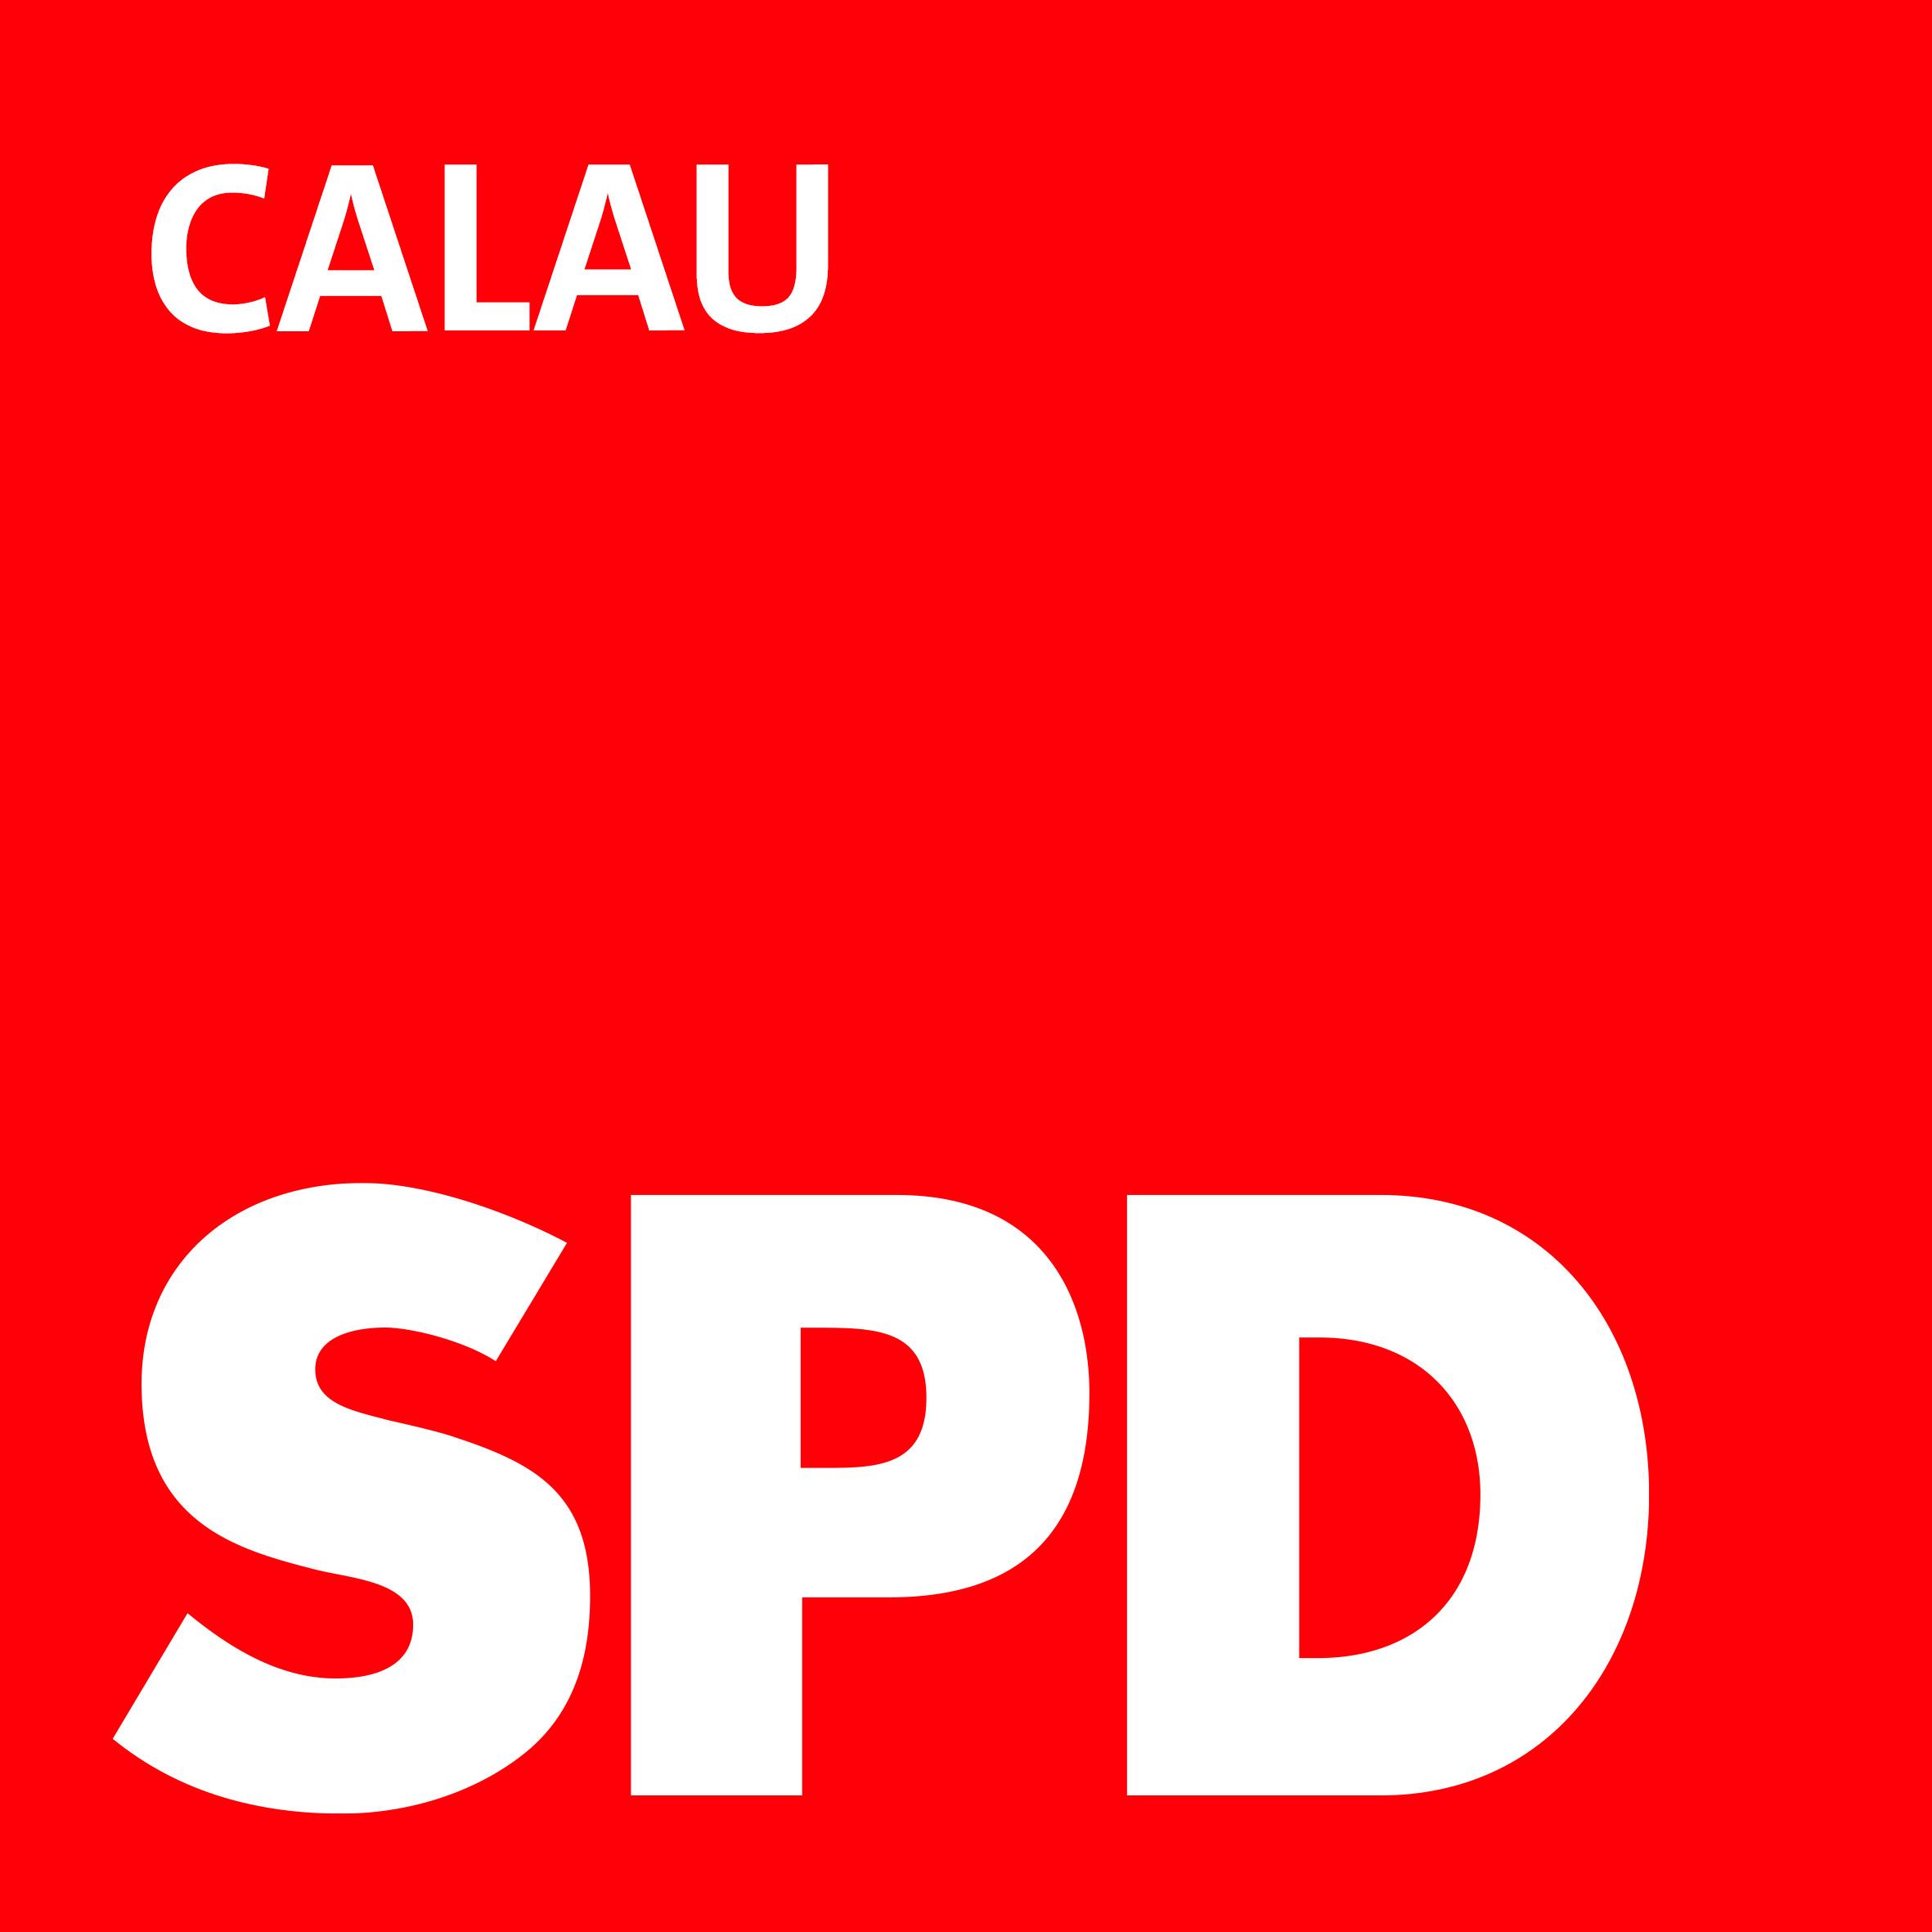 SPD Calau